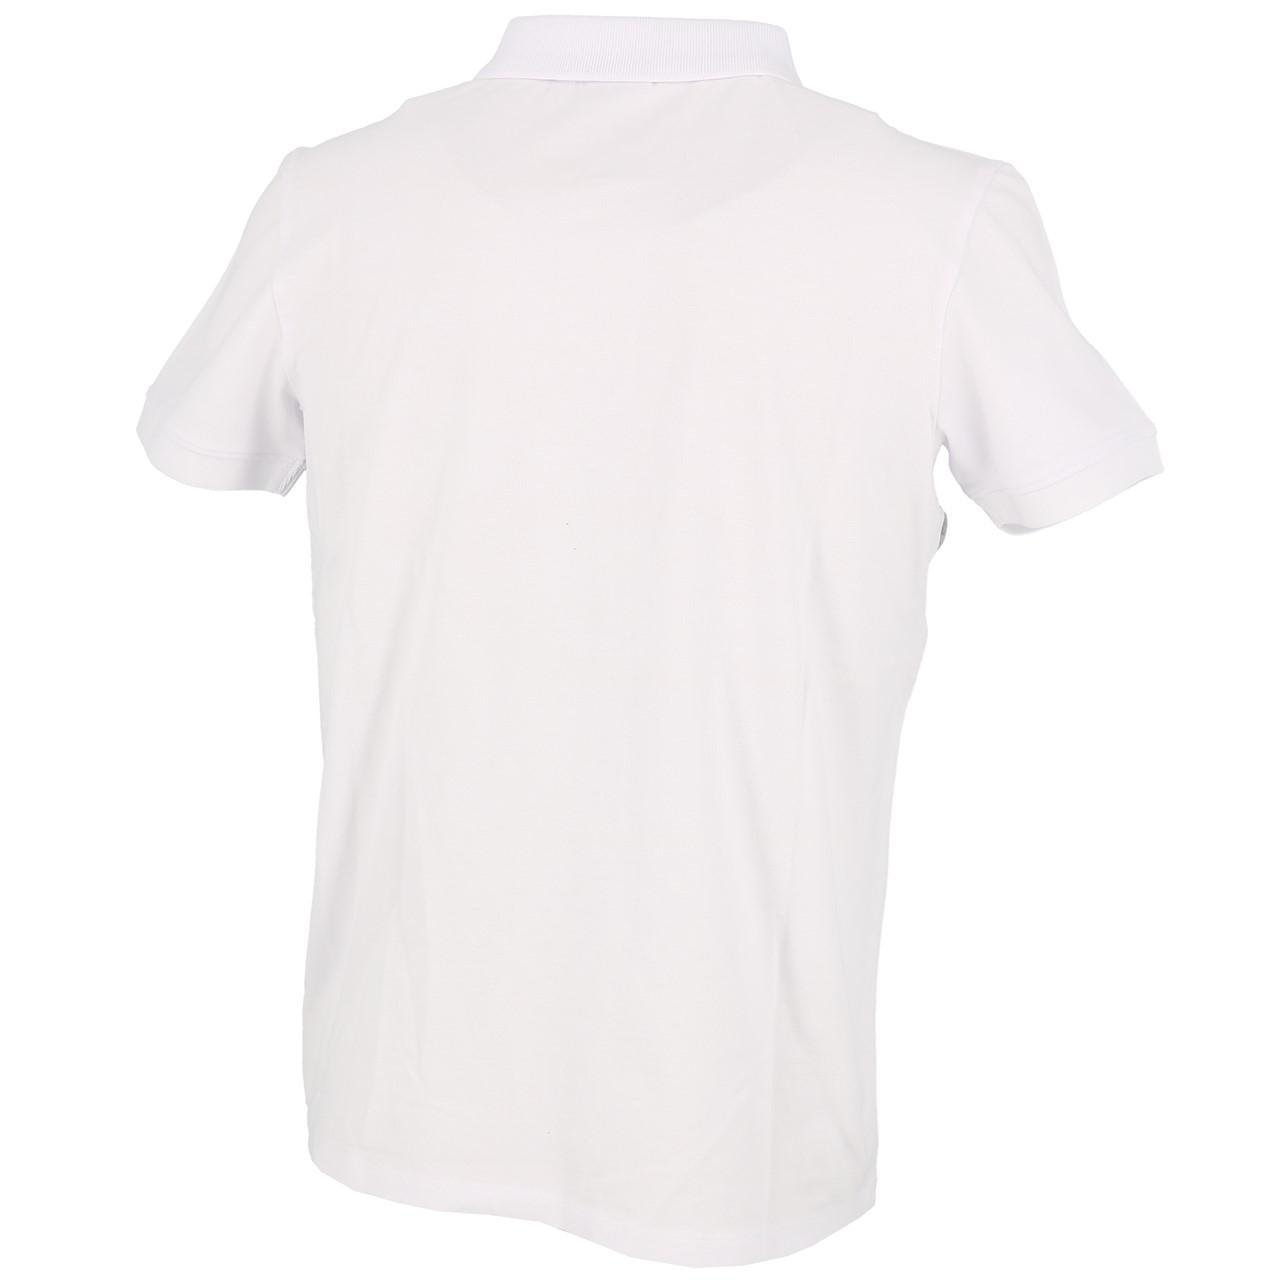 Short-Sleeve-Polo-Redskins-Mew-Stax-White-Polo-White-40834-New thumbnail 5